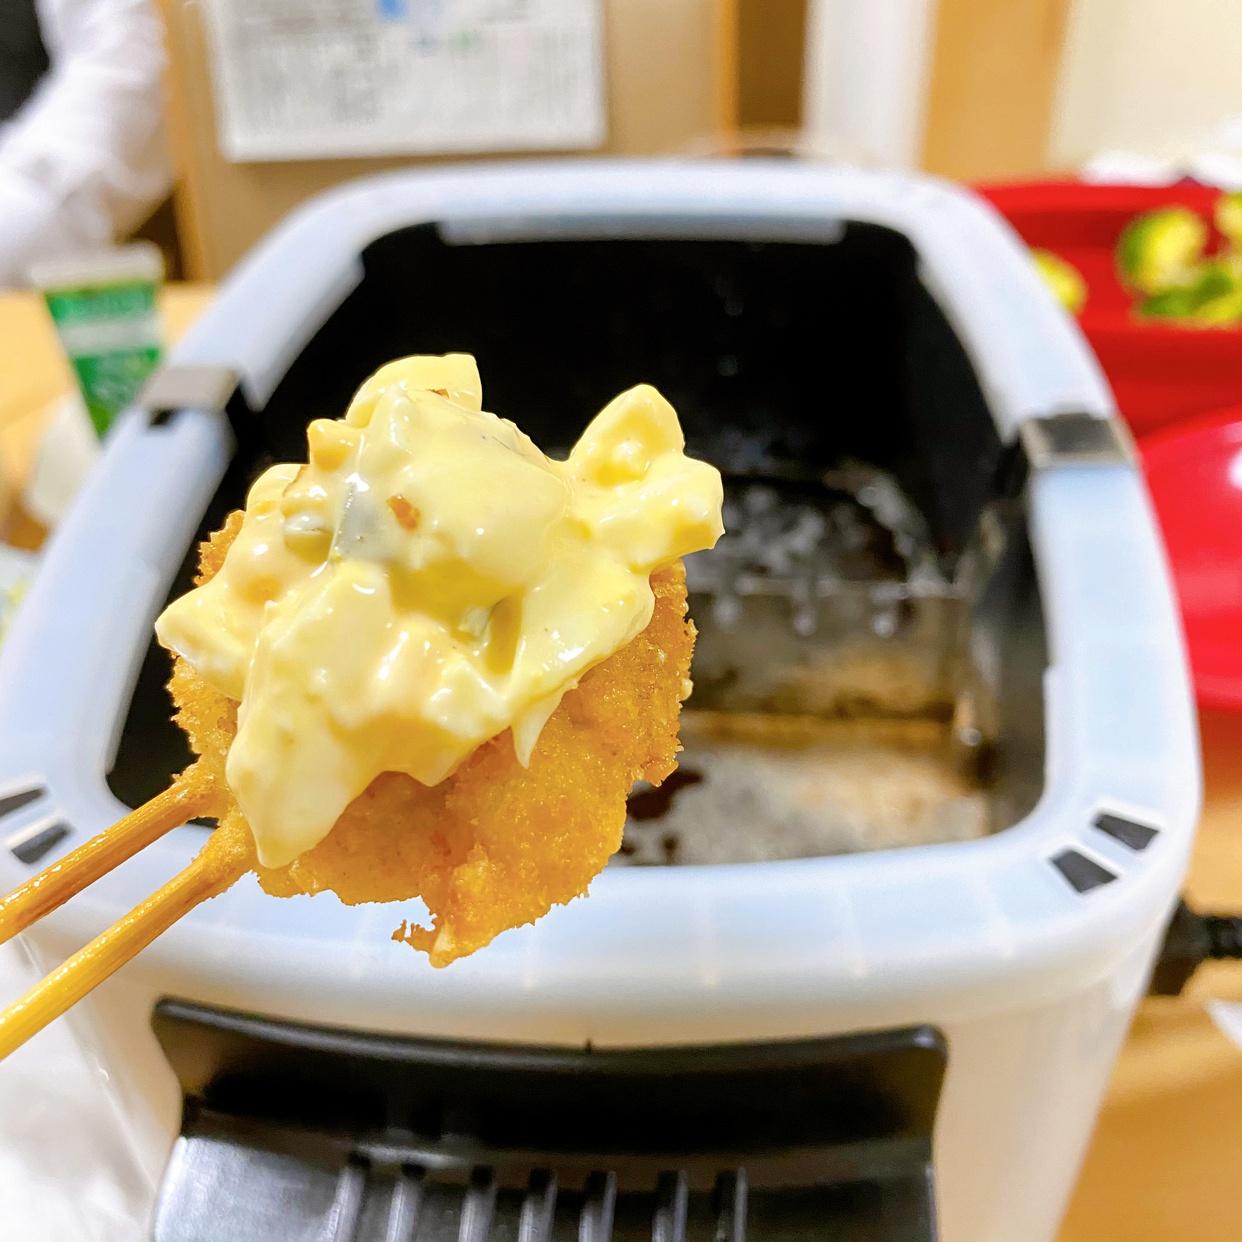 山善(YAMAZEN)電気フライヤー  揚げ物の達人 YAC-M121(W)を使ったみーそらmamaさんのクチコミ画像2